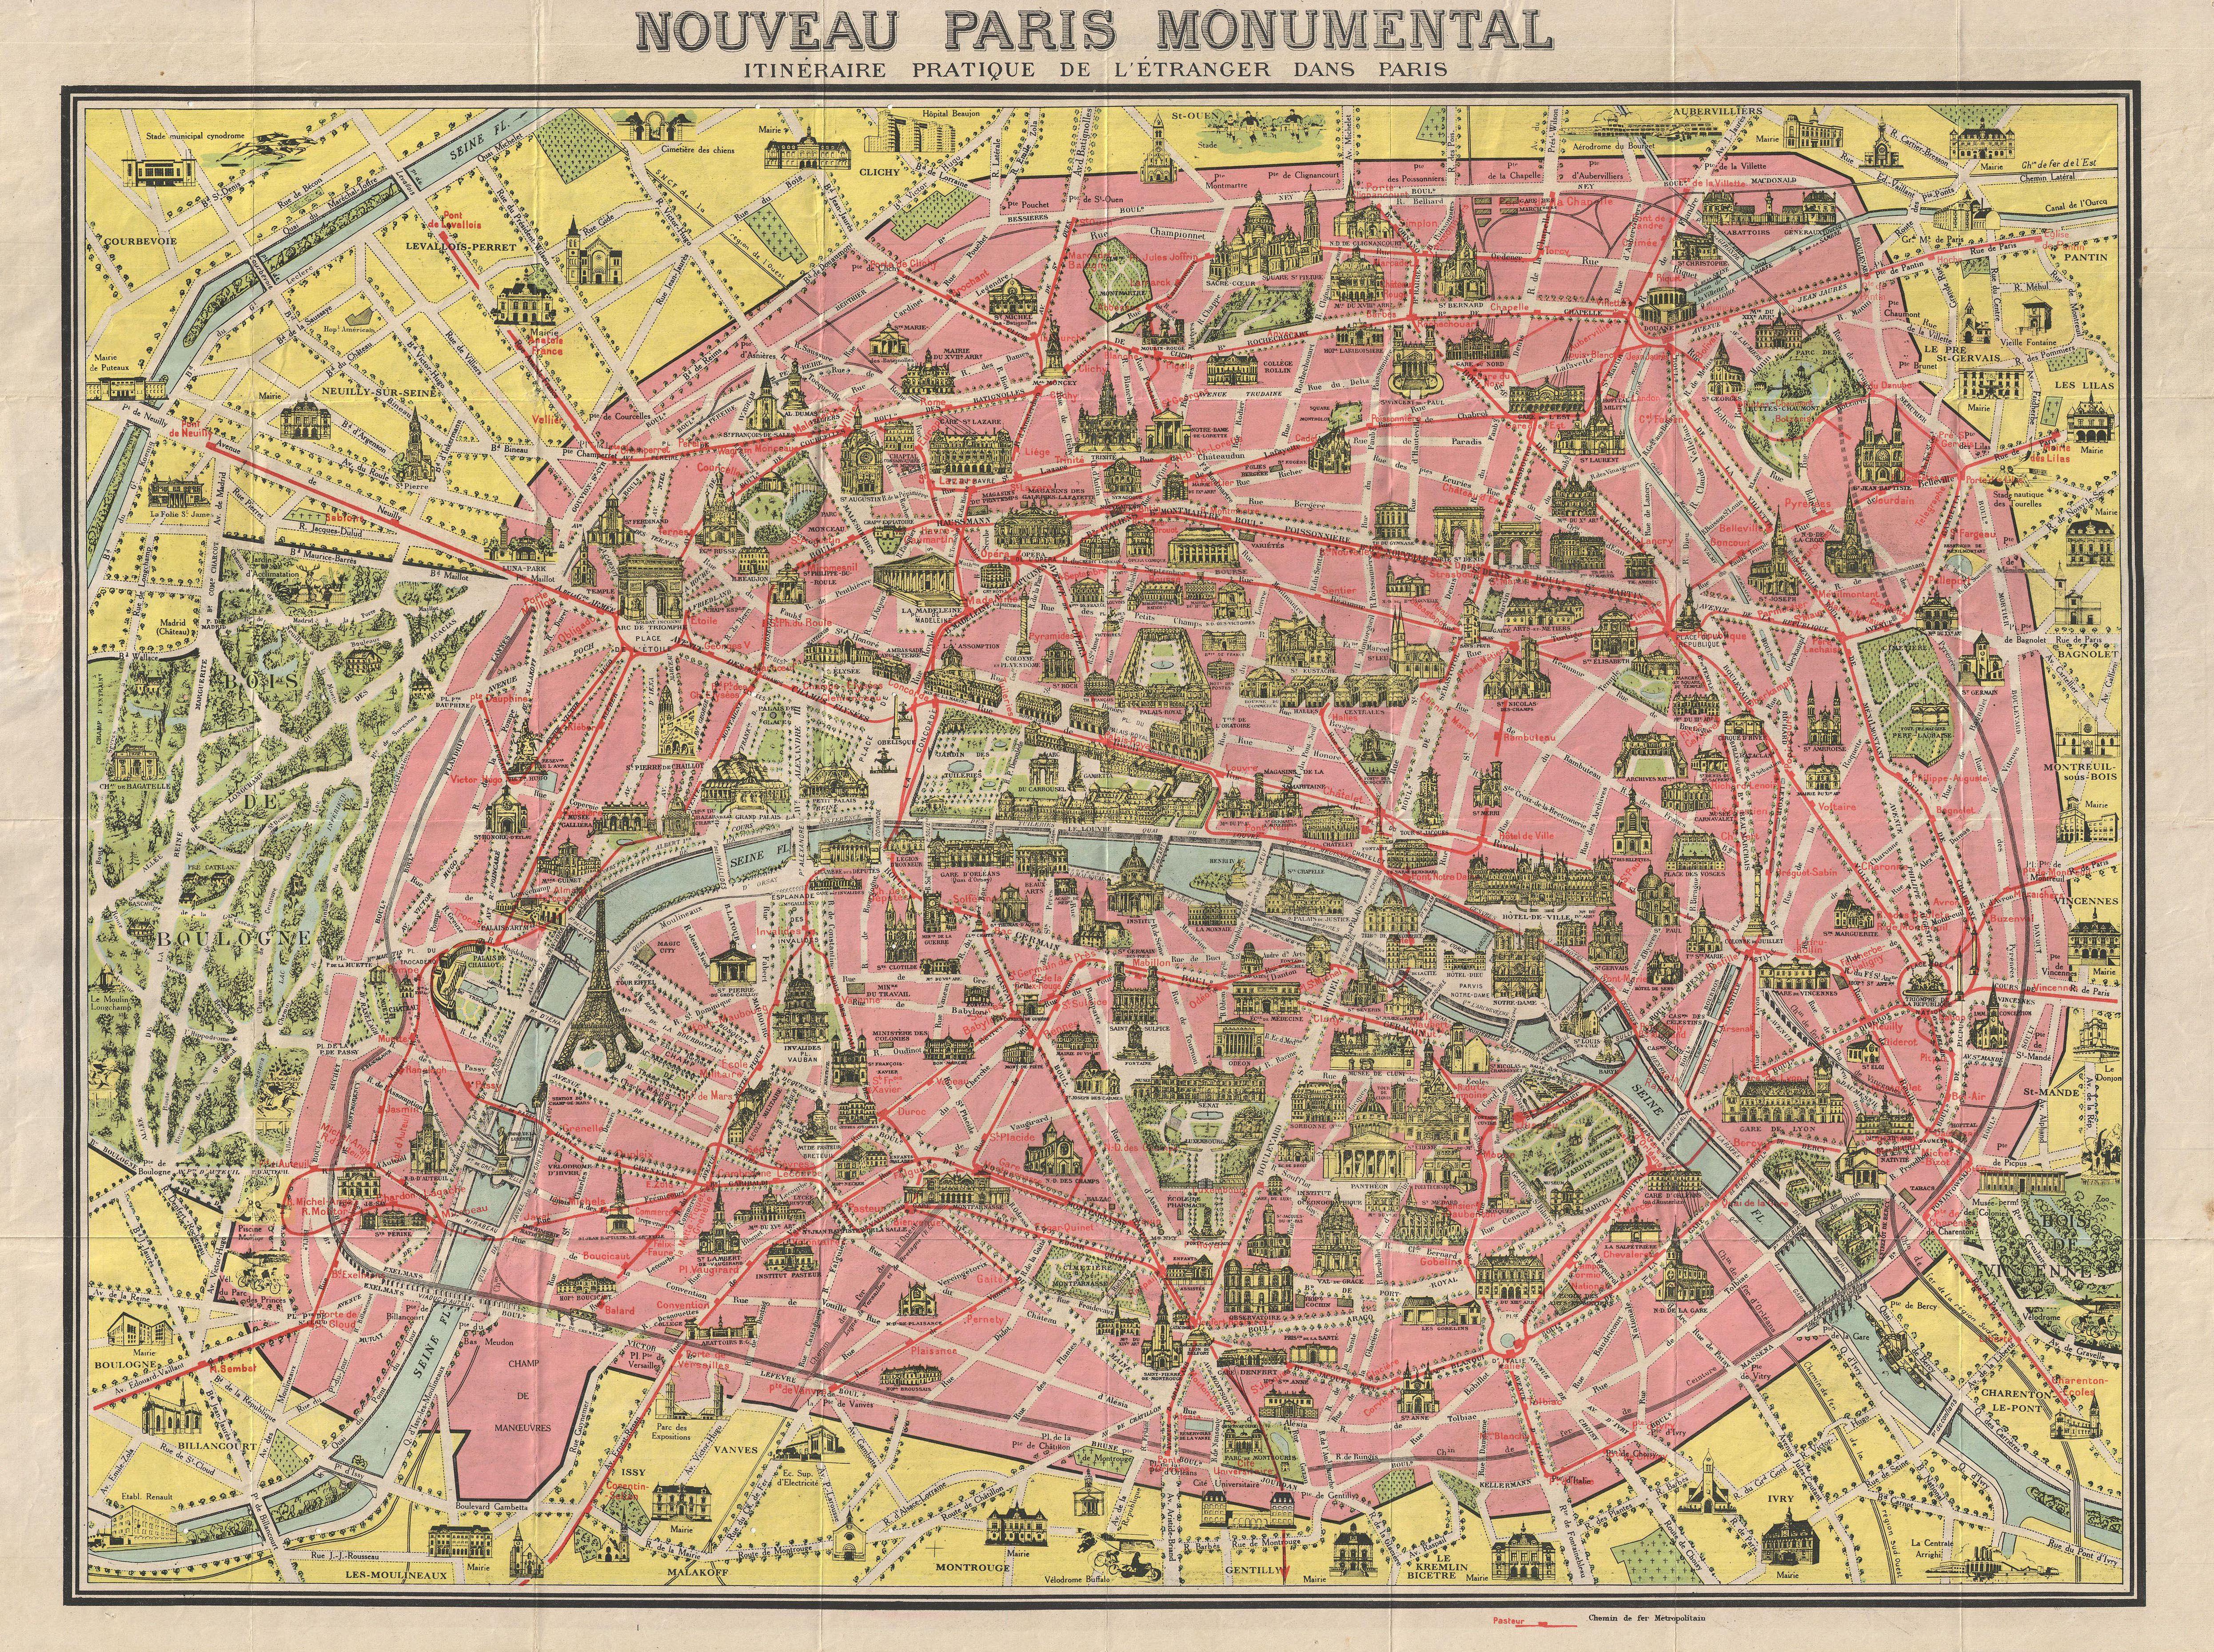 PARIS I Old Maps of Paris - Year 1920 | Maps Maps Maps | Pinterest ...